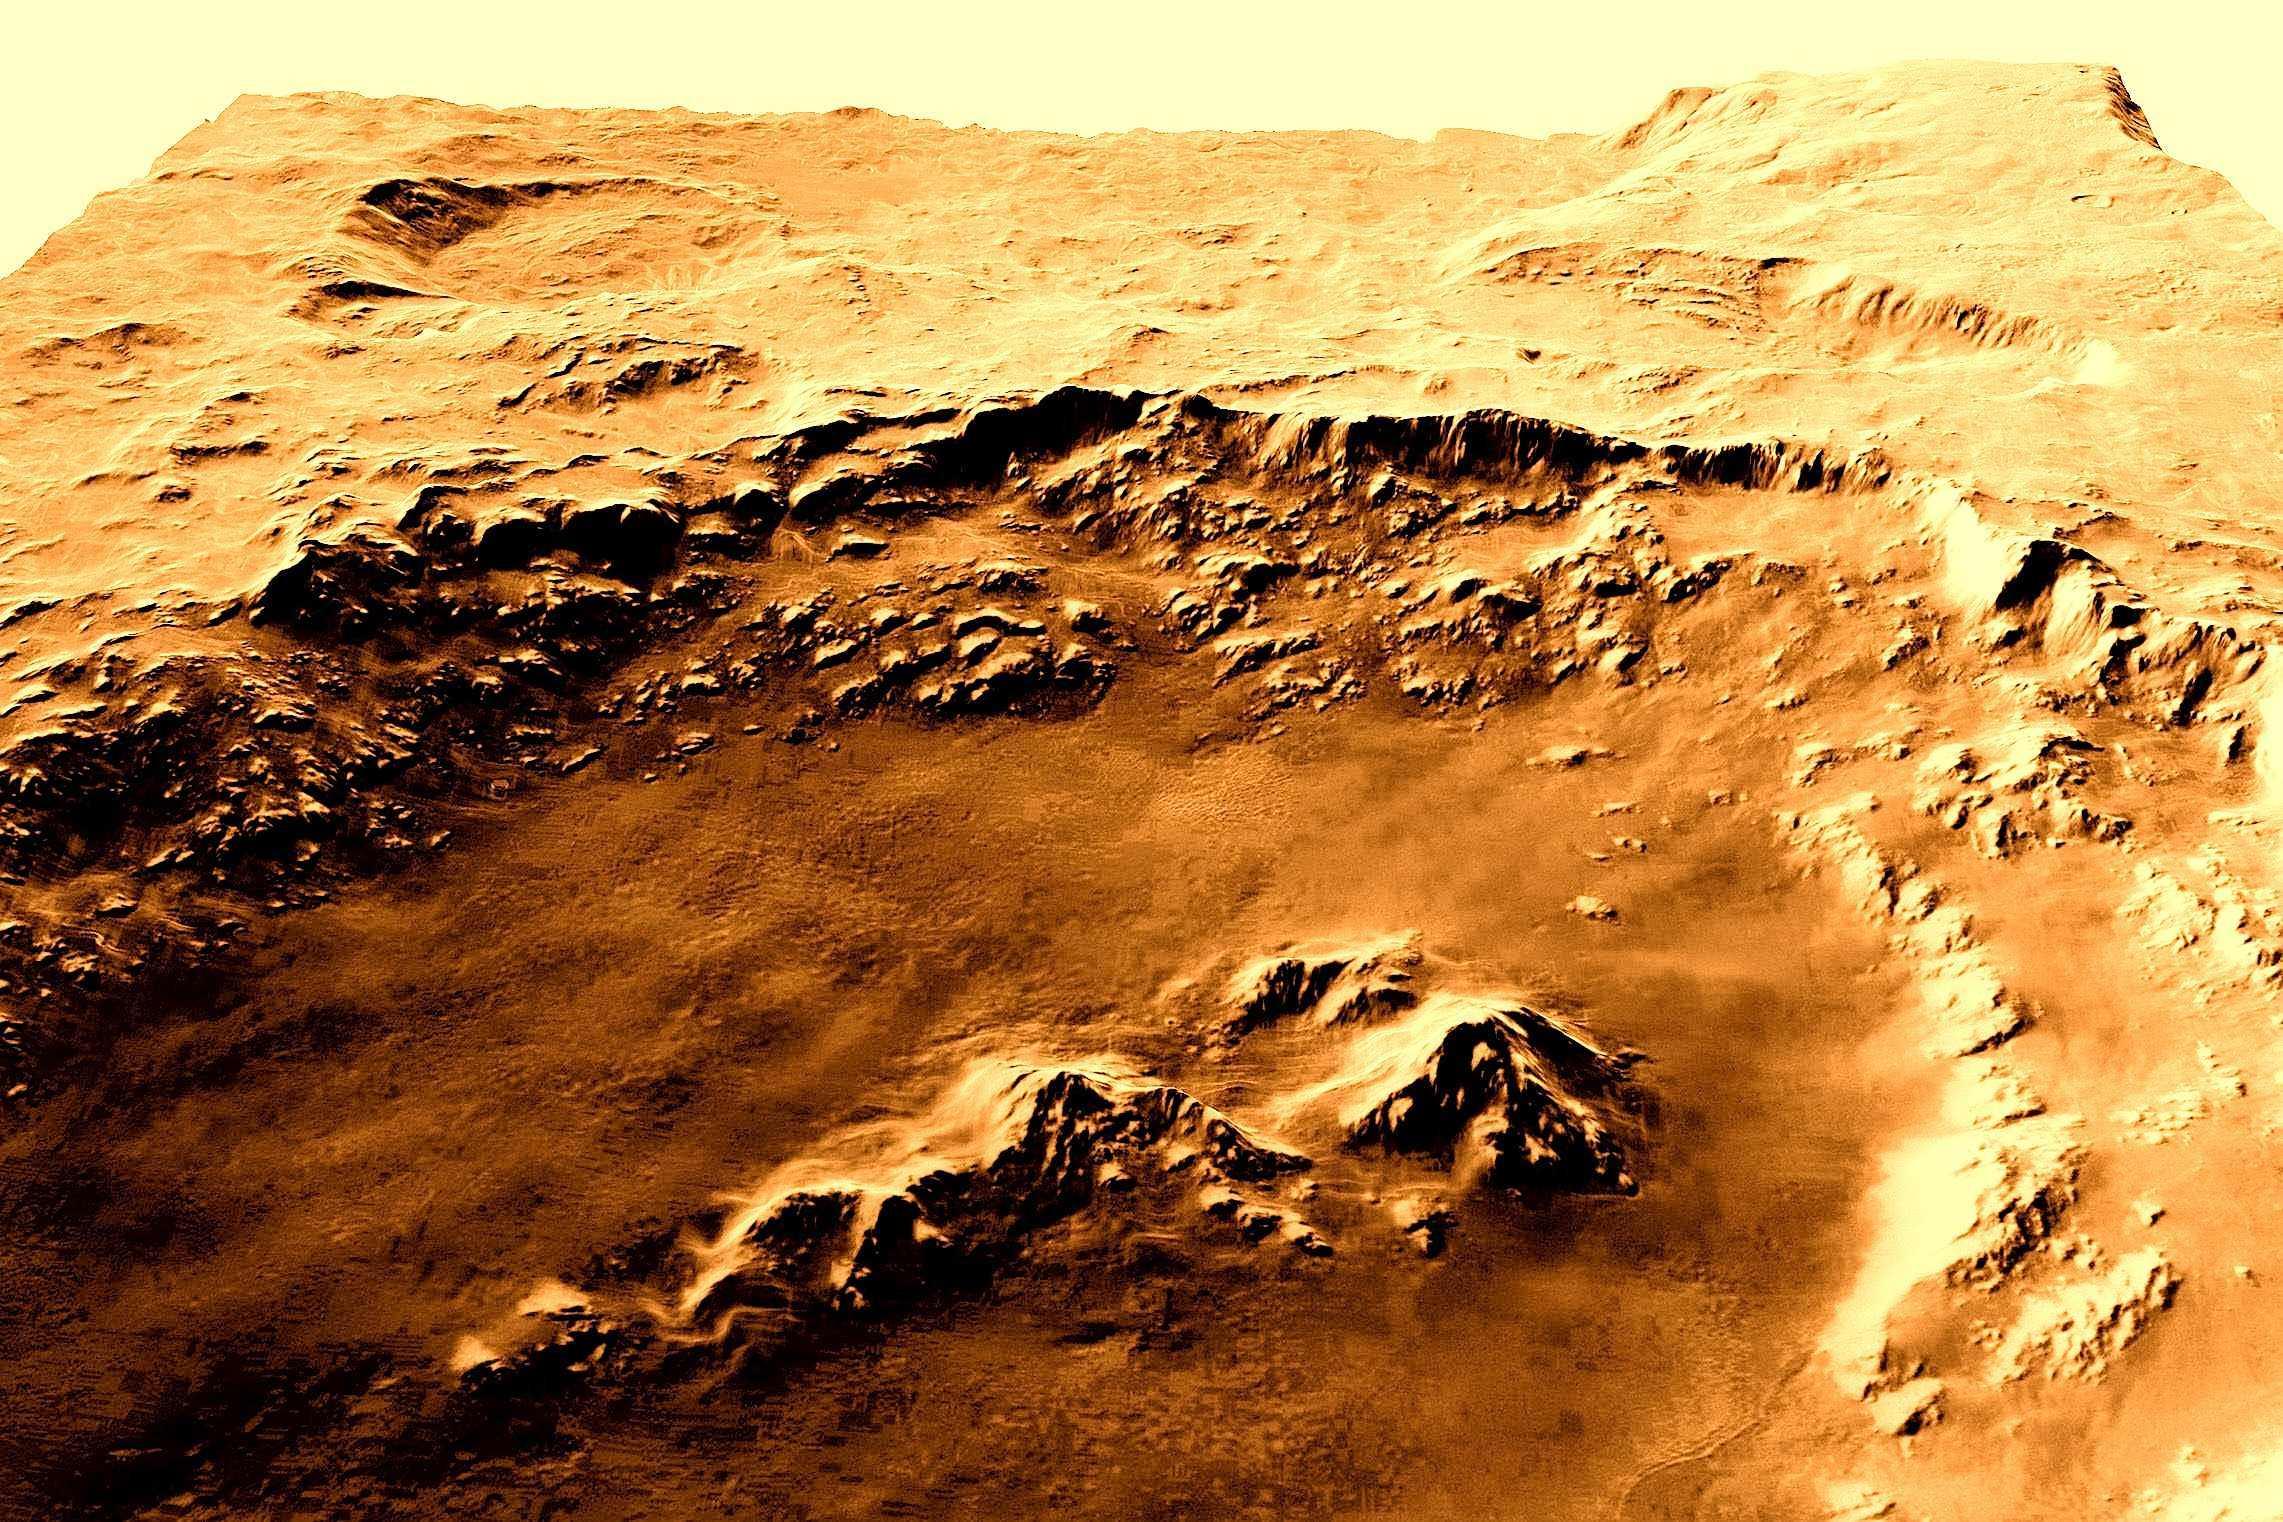 「NASAが片道の有人火星飛行を計画」:もうお仲間は先に行っているからサ!_e0171614_943495.jpg